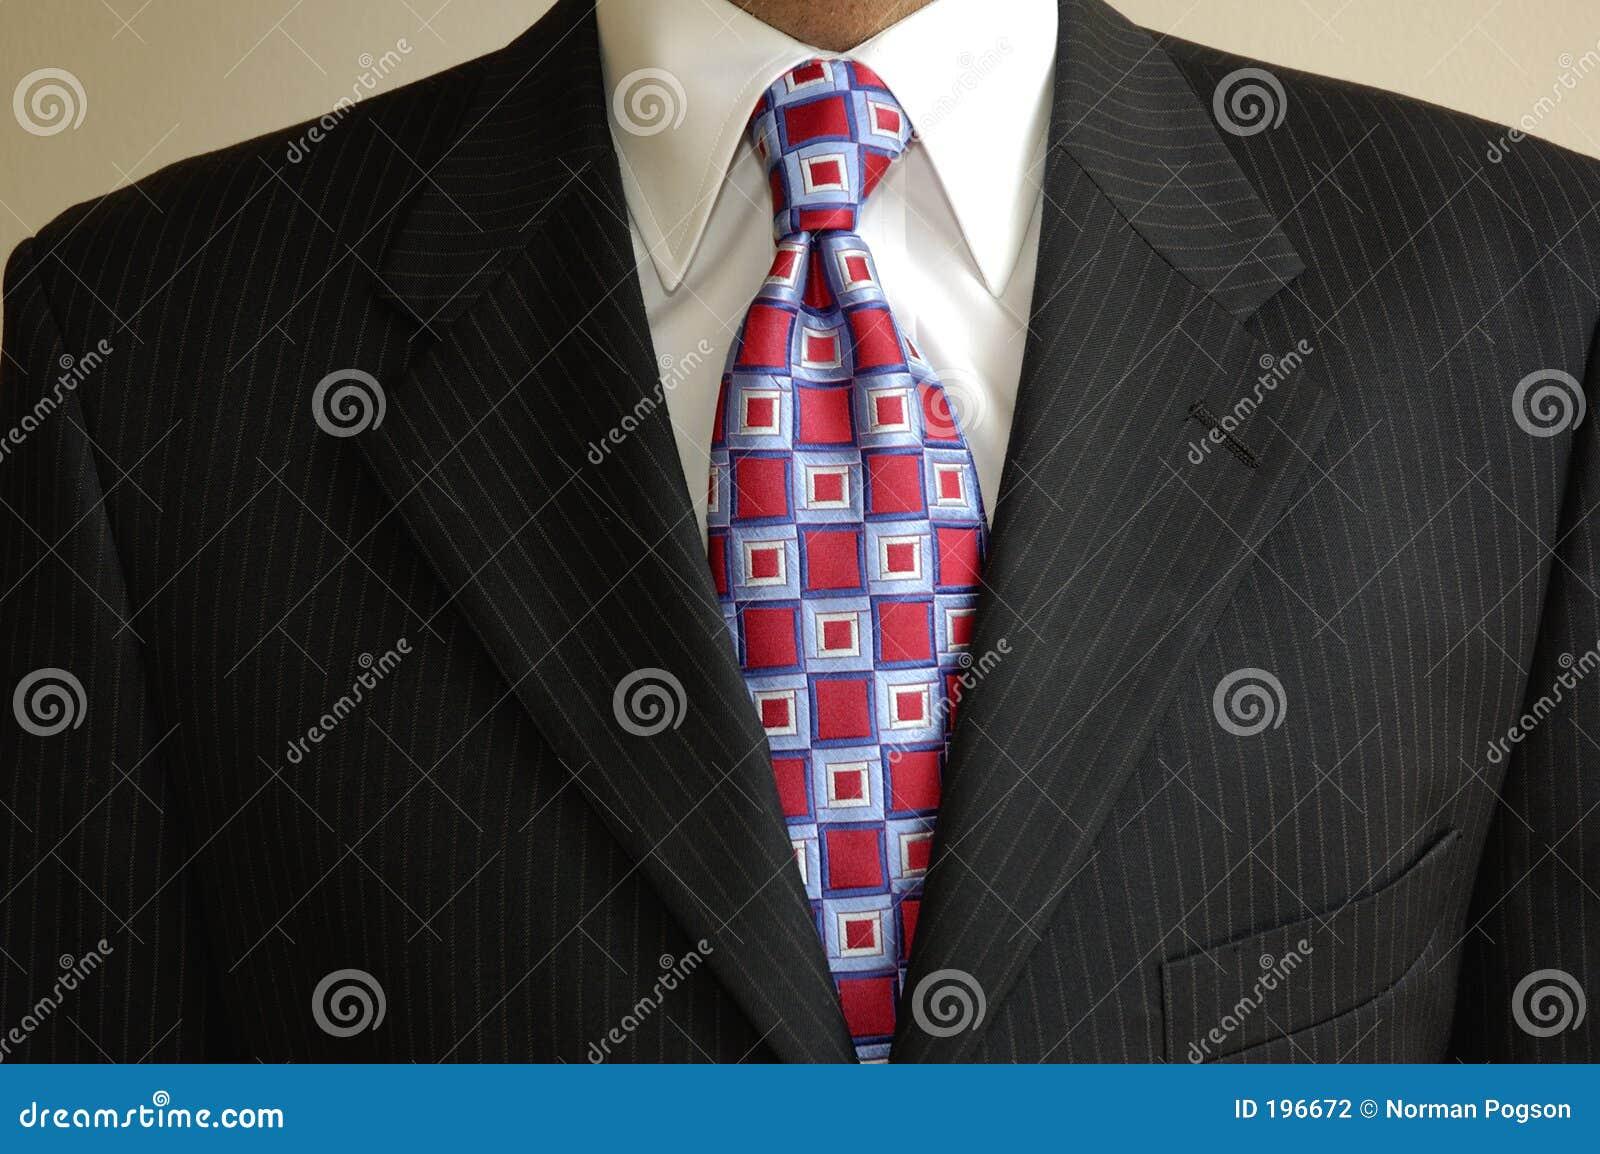 Businessman Suit & Tie